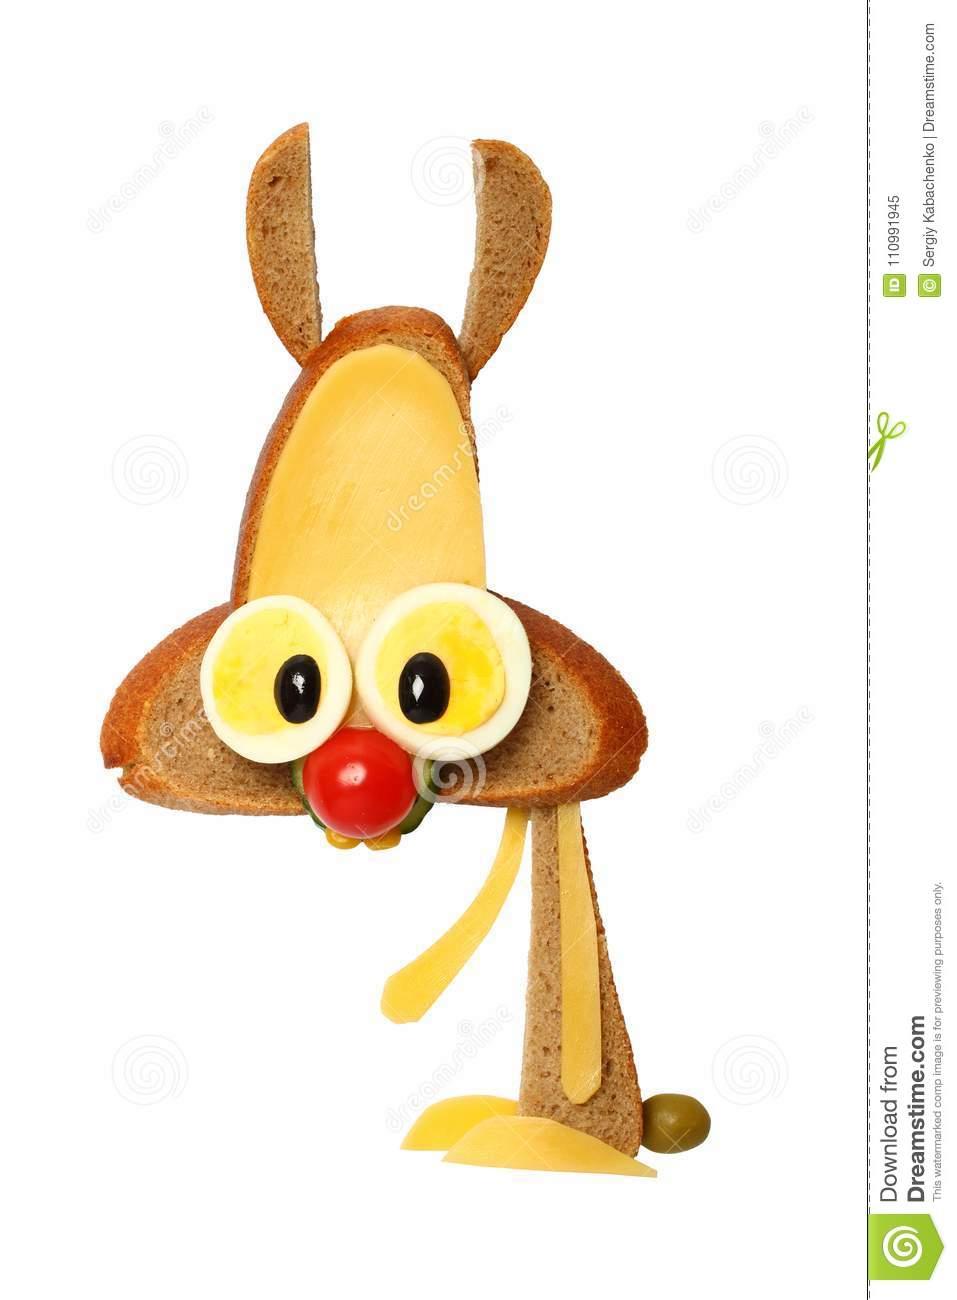 Lustige Hasen Gemacht Mit Brot, Ei Und Käse Für Schnellen bei Lustige Hasen Bilder Kostenlos